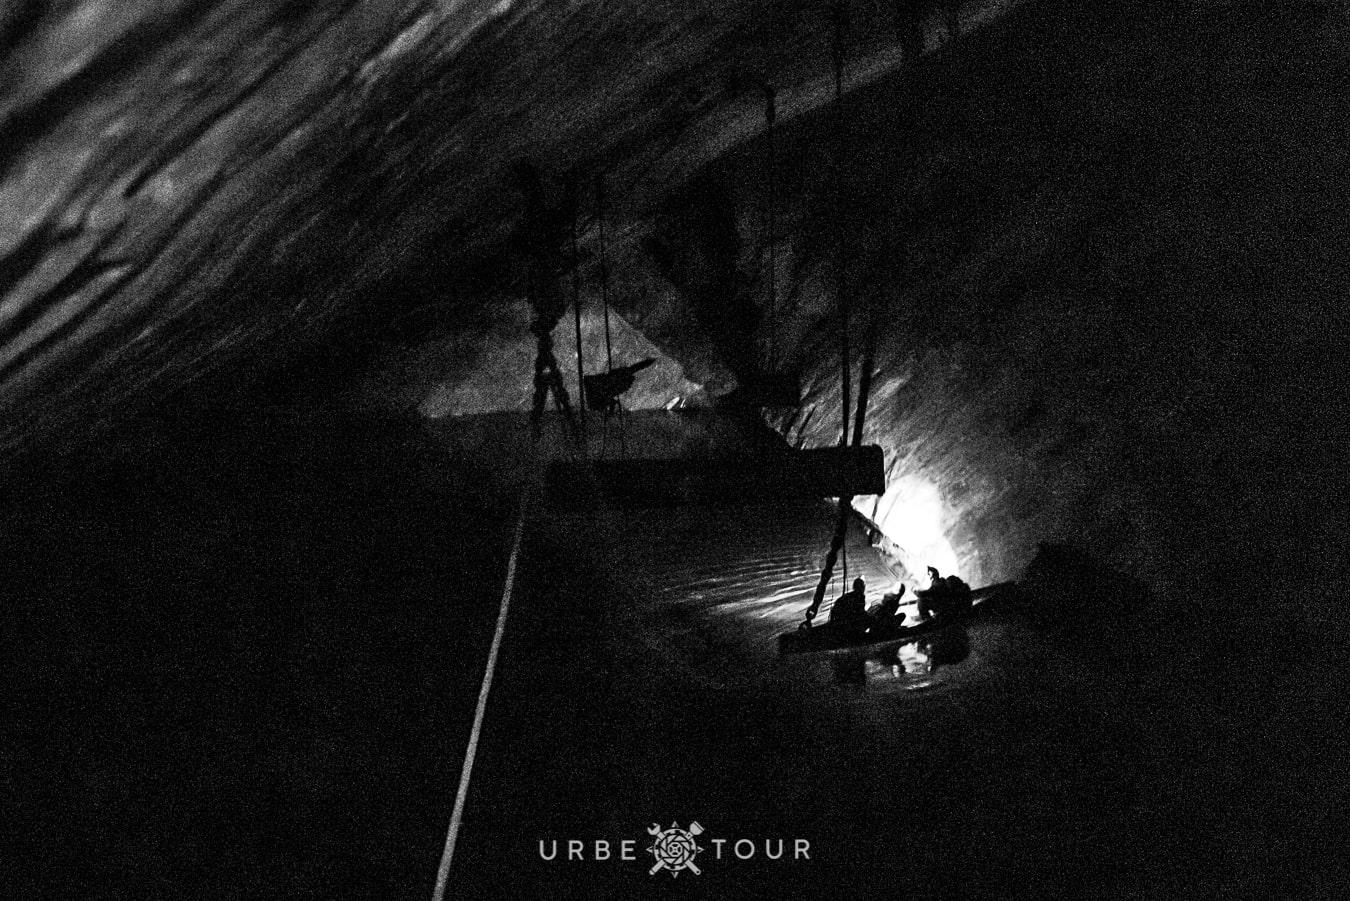 snowdonia-mines-wales-8 Страна Горного Короля: гигантские заброшенные рудники в Сноудонских горах